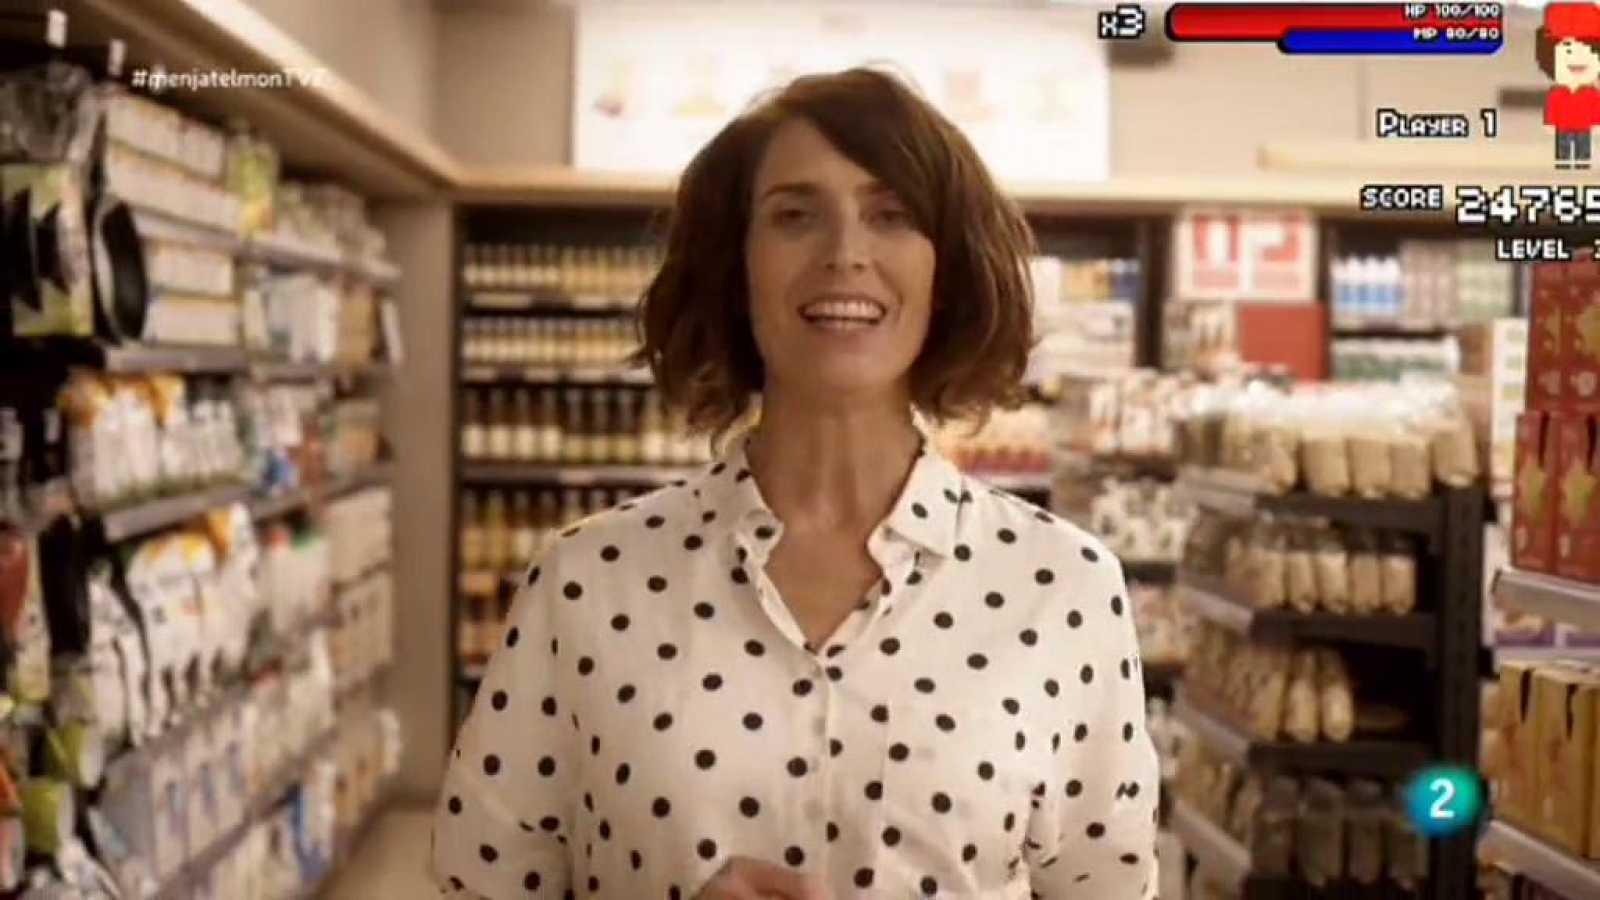 Menja't el món - L'aventura de comprar